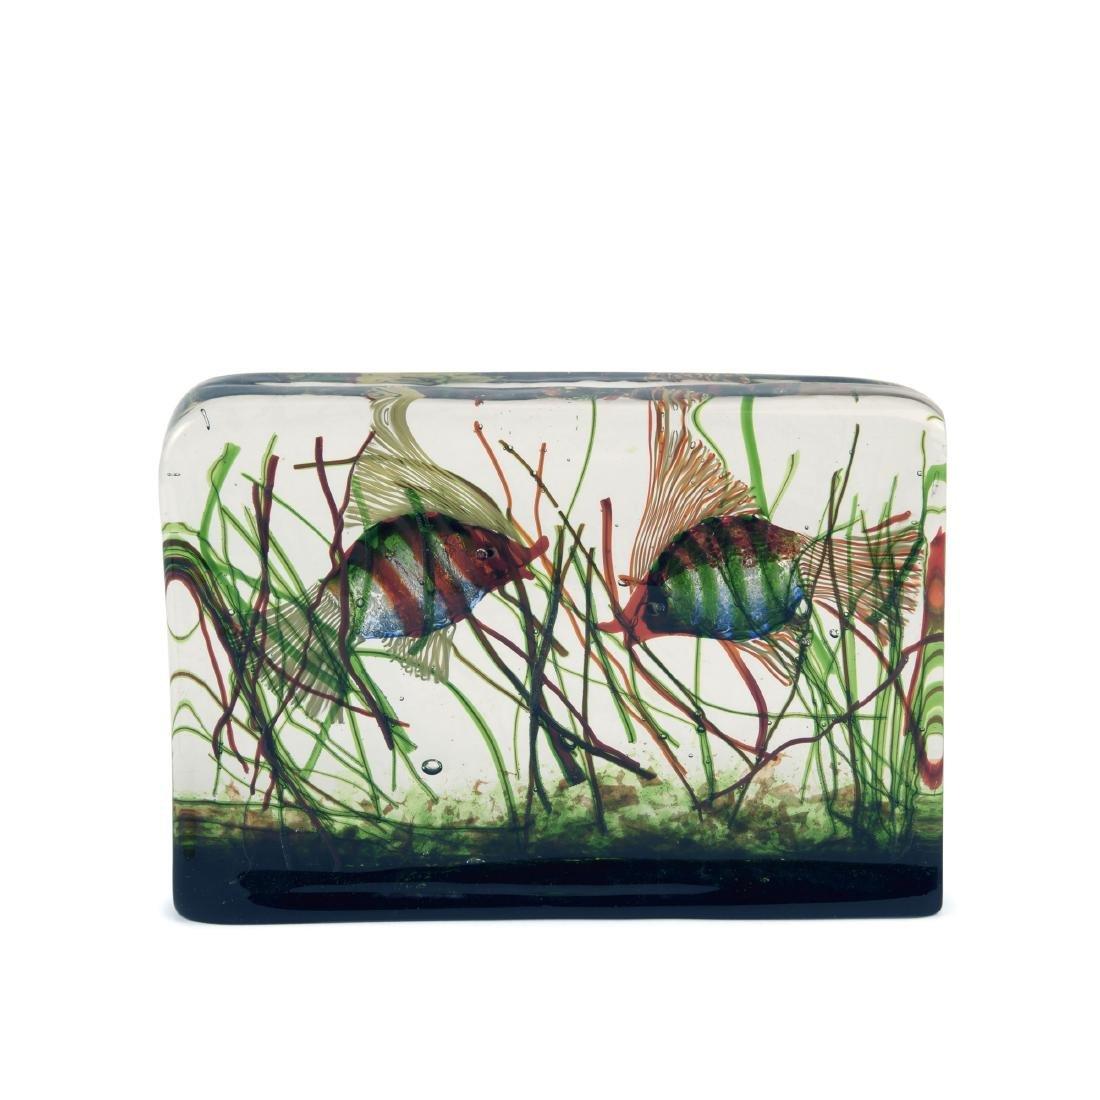 Aquarium, c1960